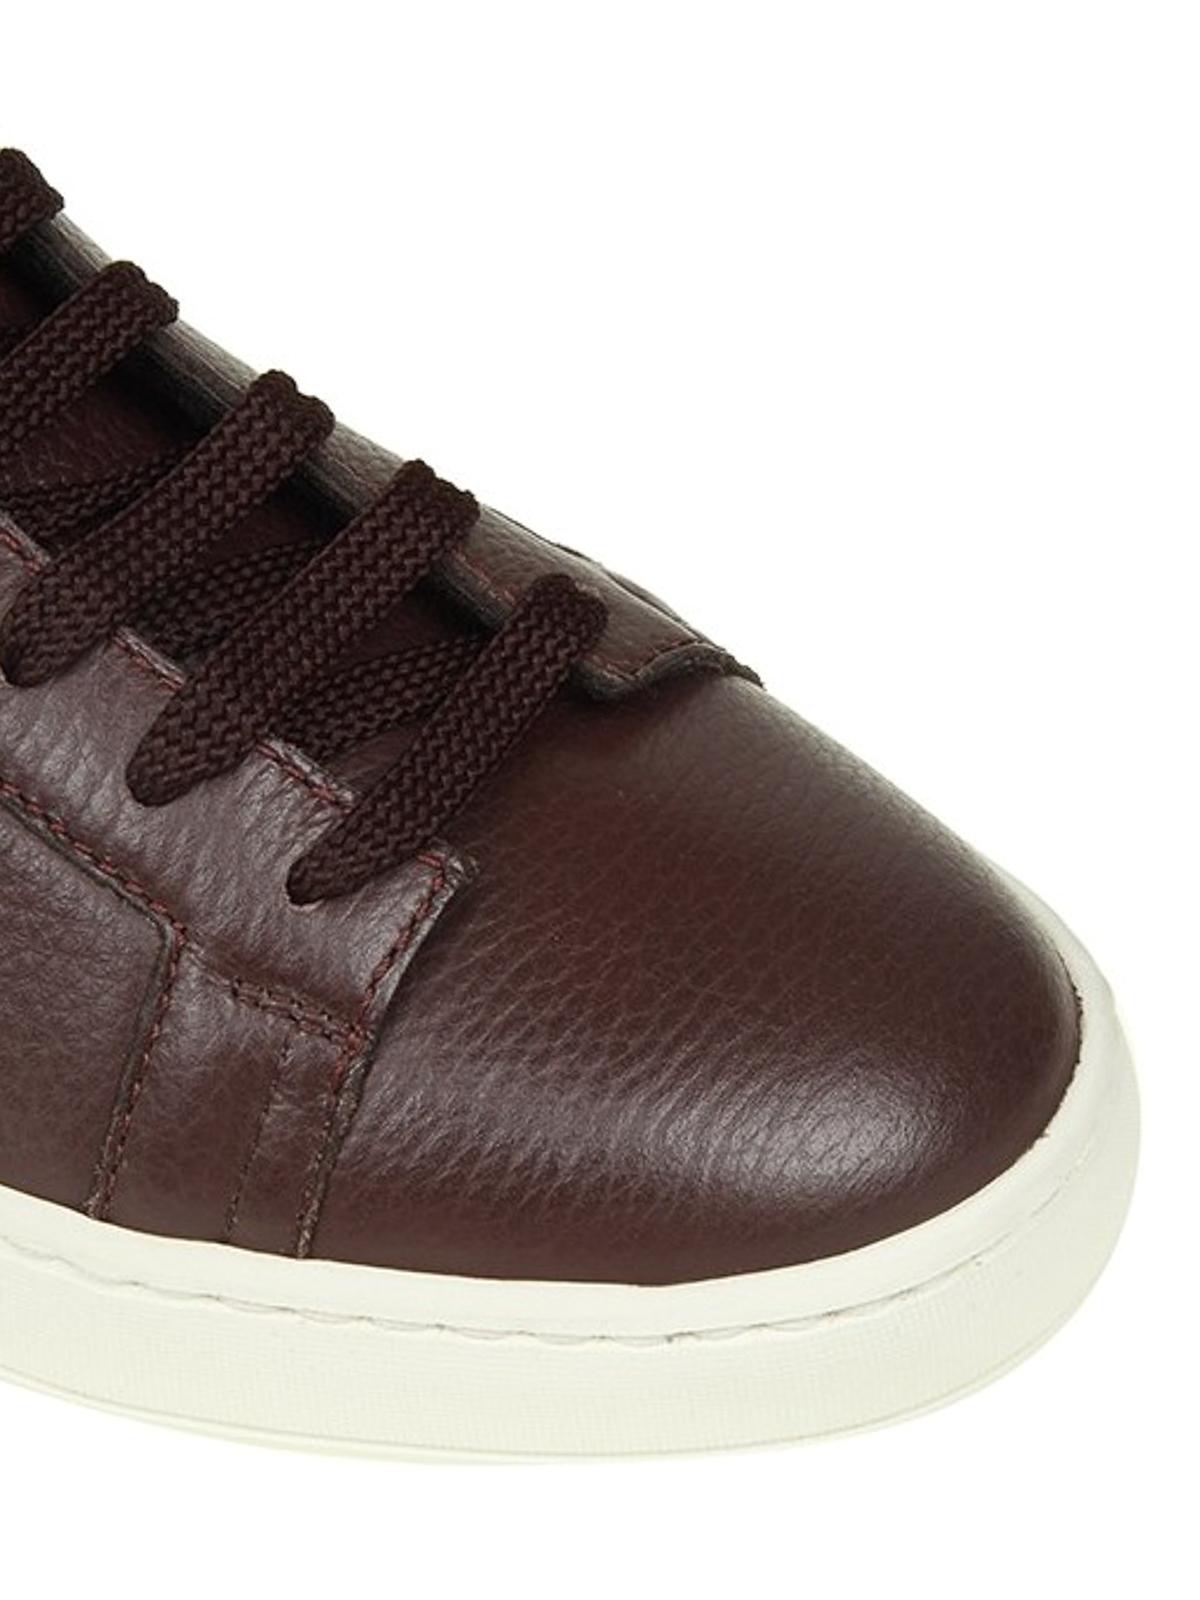 iKRIX SANTONI  sneakers - Sneaker alte in pelle martellata bordeaux 5f0815951f4